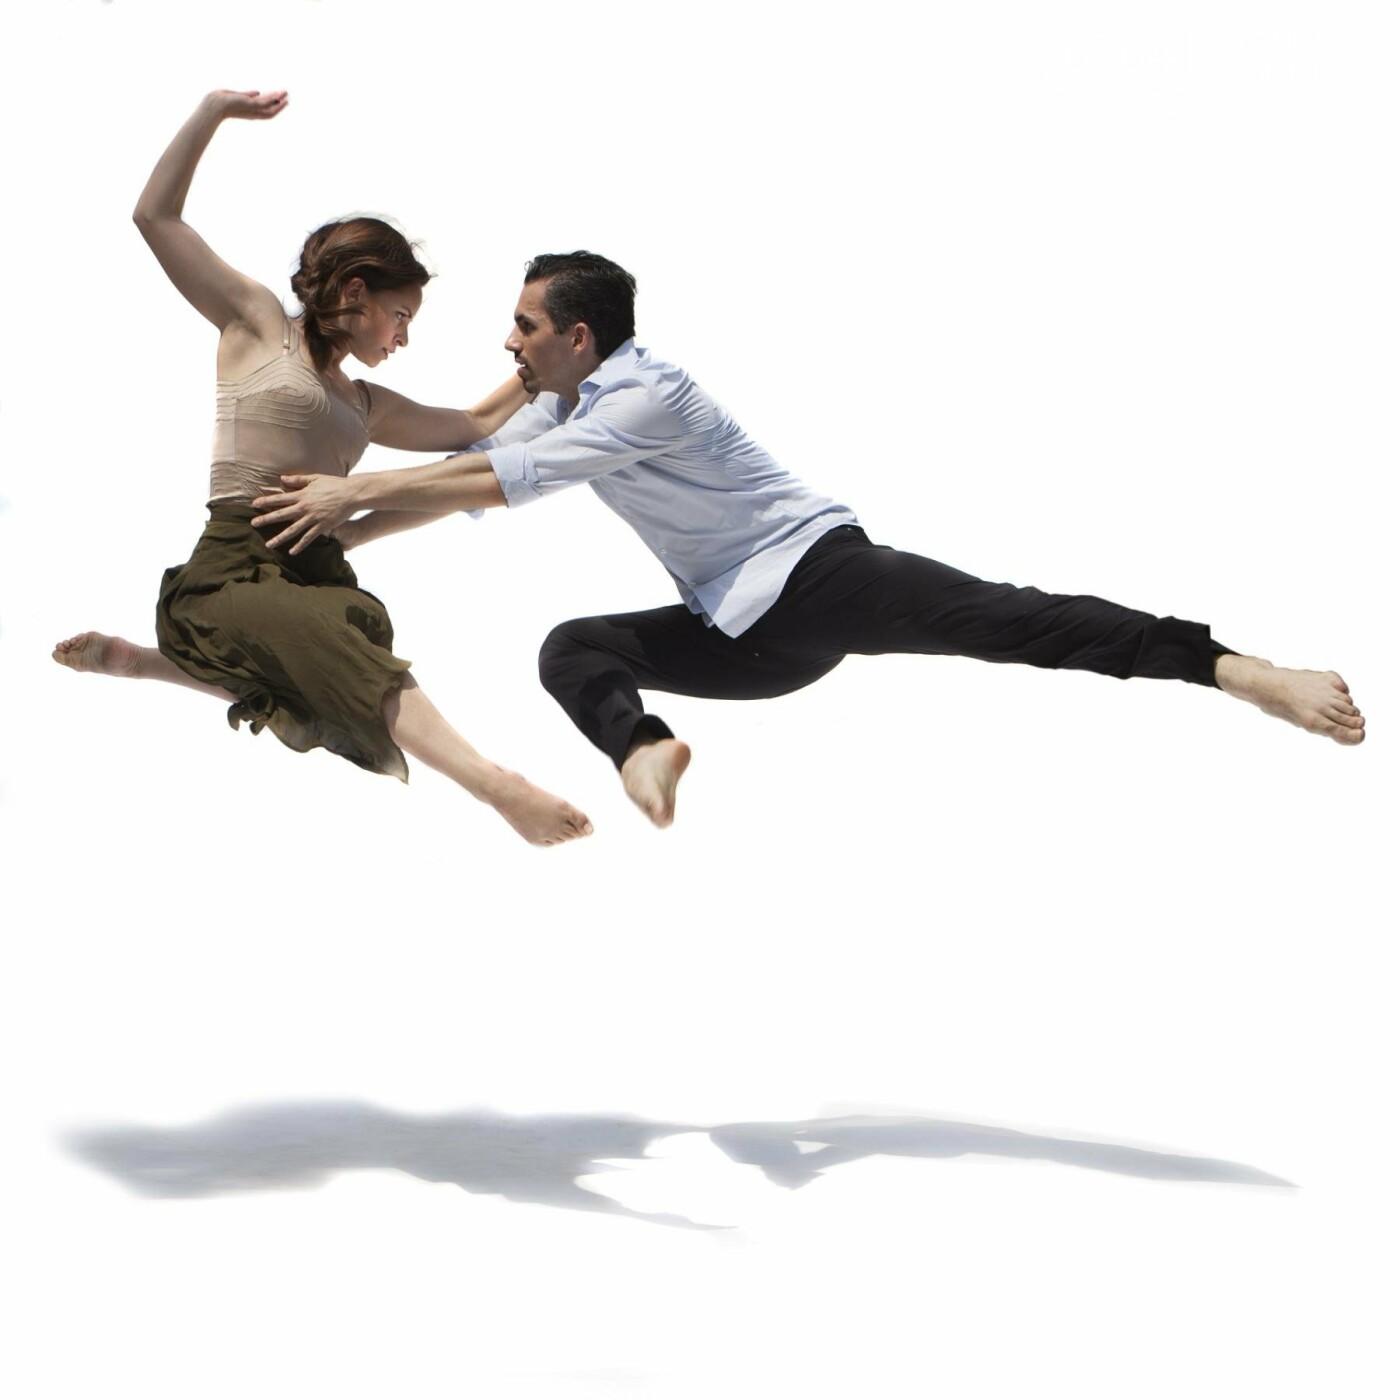 Американские артисты проведут в Краматорске бесплатные мастер-классы и кастинги для вокалистов и танцоров, фото-10